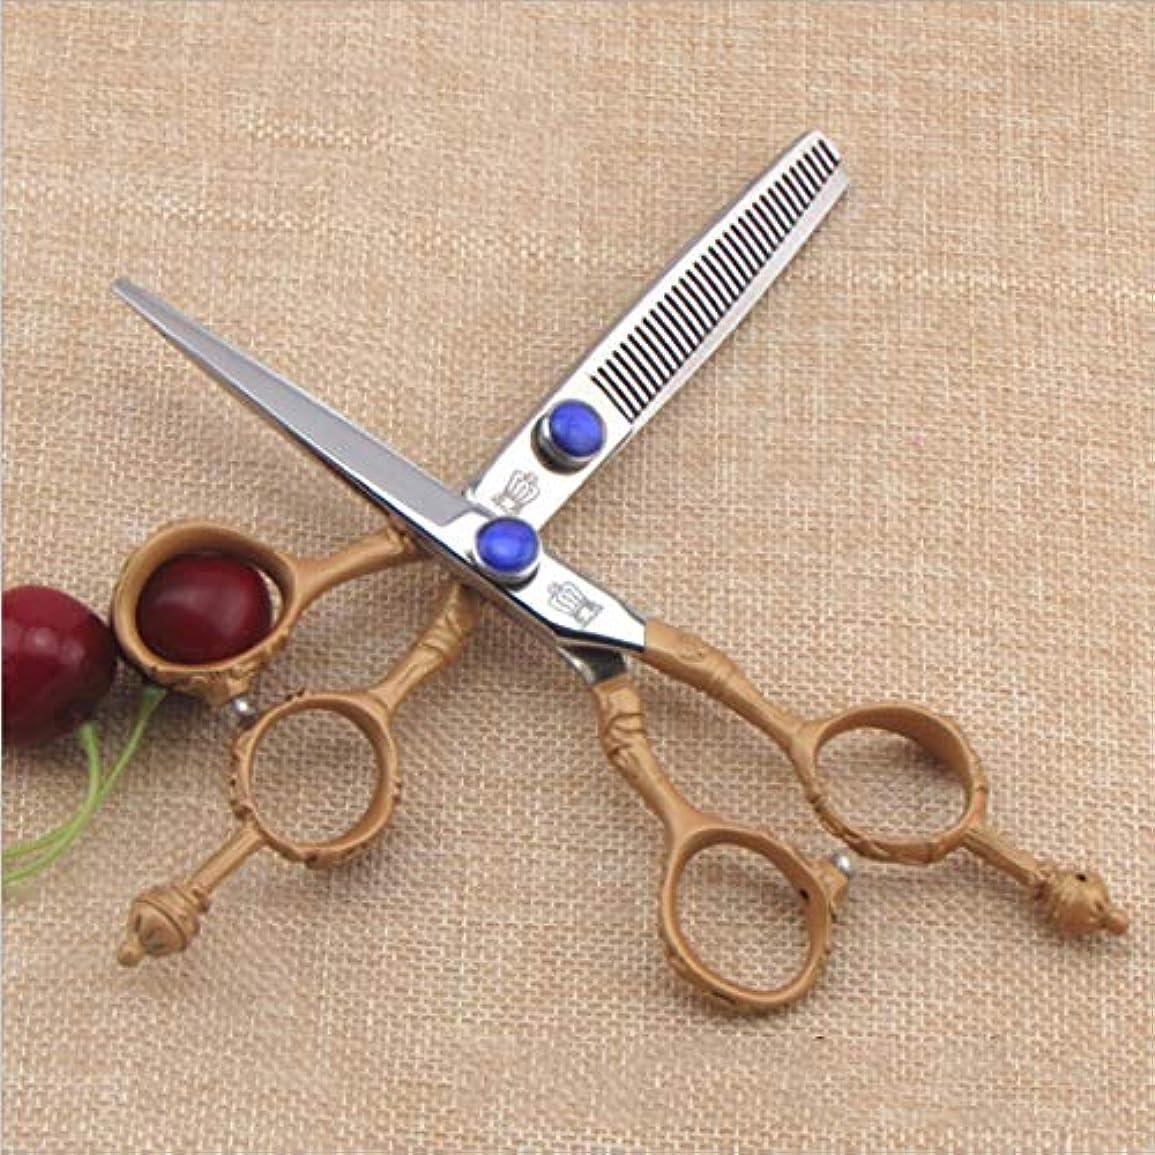 影響するクリスチャンシャイ人民の東の道 ハイエンド美容はさみ - 毛細かいはさみキット、プロ用理髪はさみセット (Design : B)